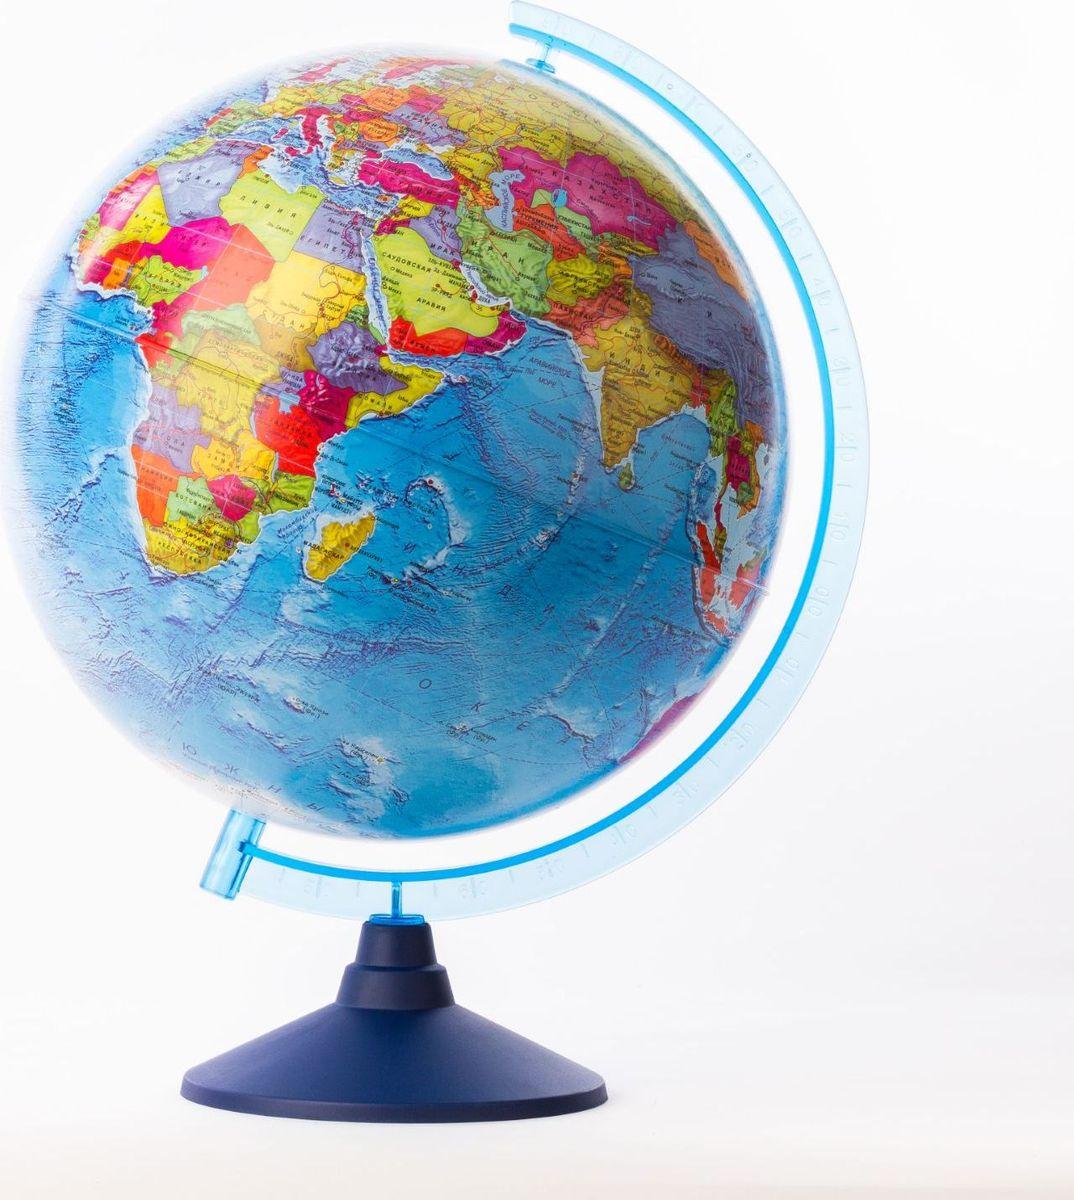 Глобен Глобус политический Классик Евро диаметр 32 см -  Глобусы